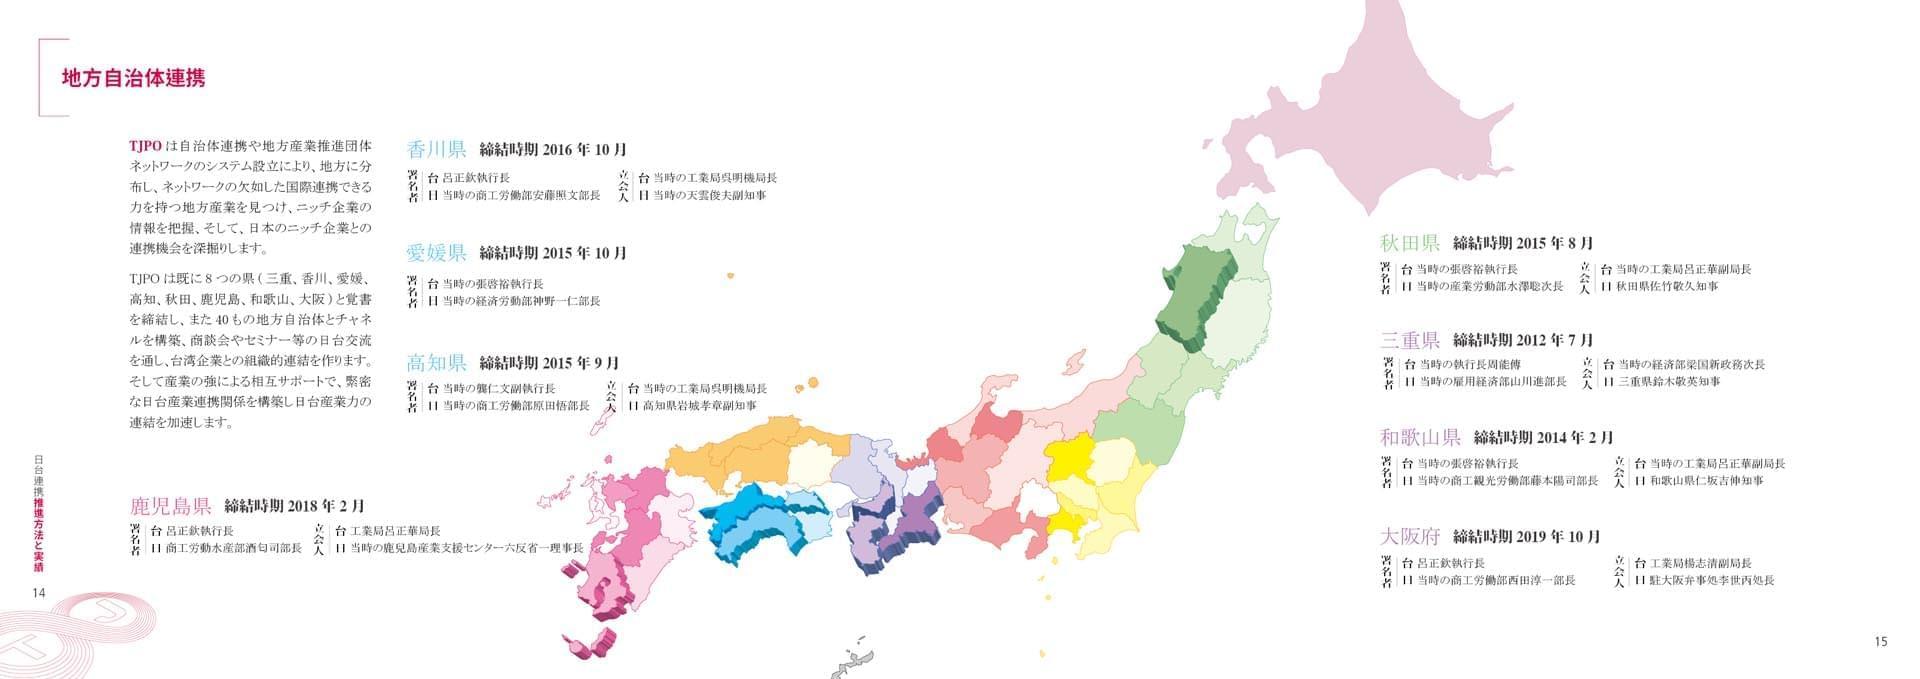 台日型錄-日文版60頁-第二次修改070210